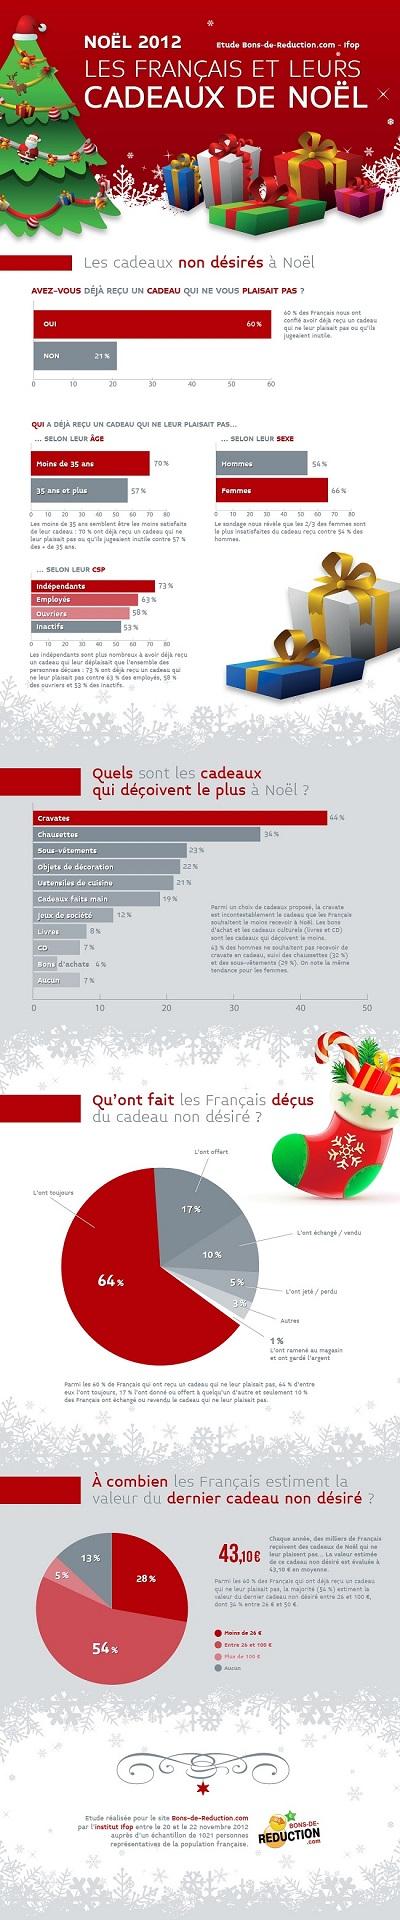 infographie-francais-cadeaux-noel